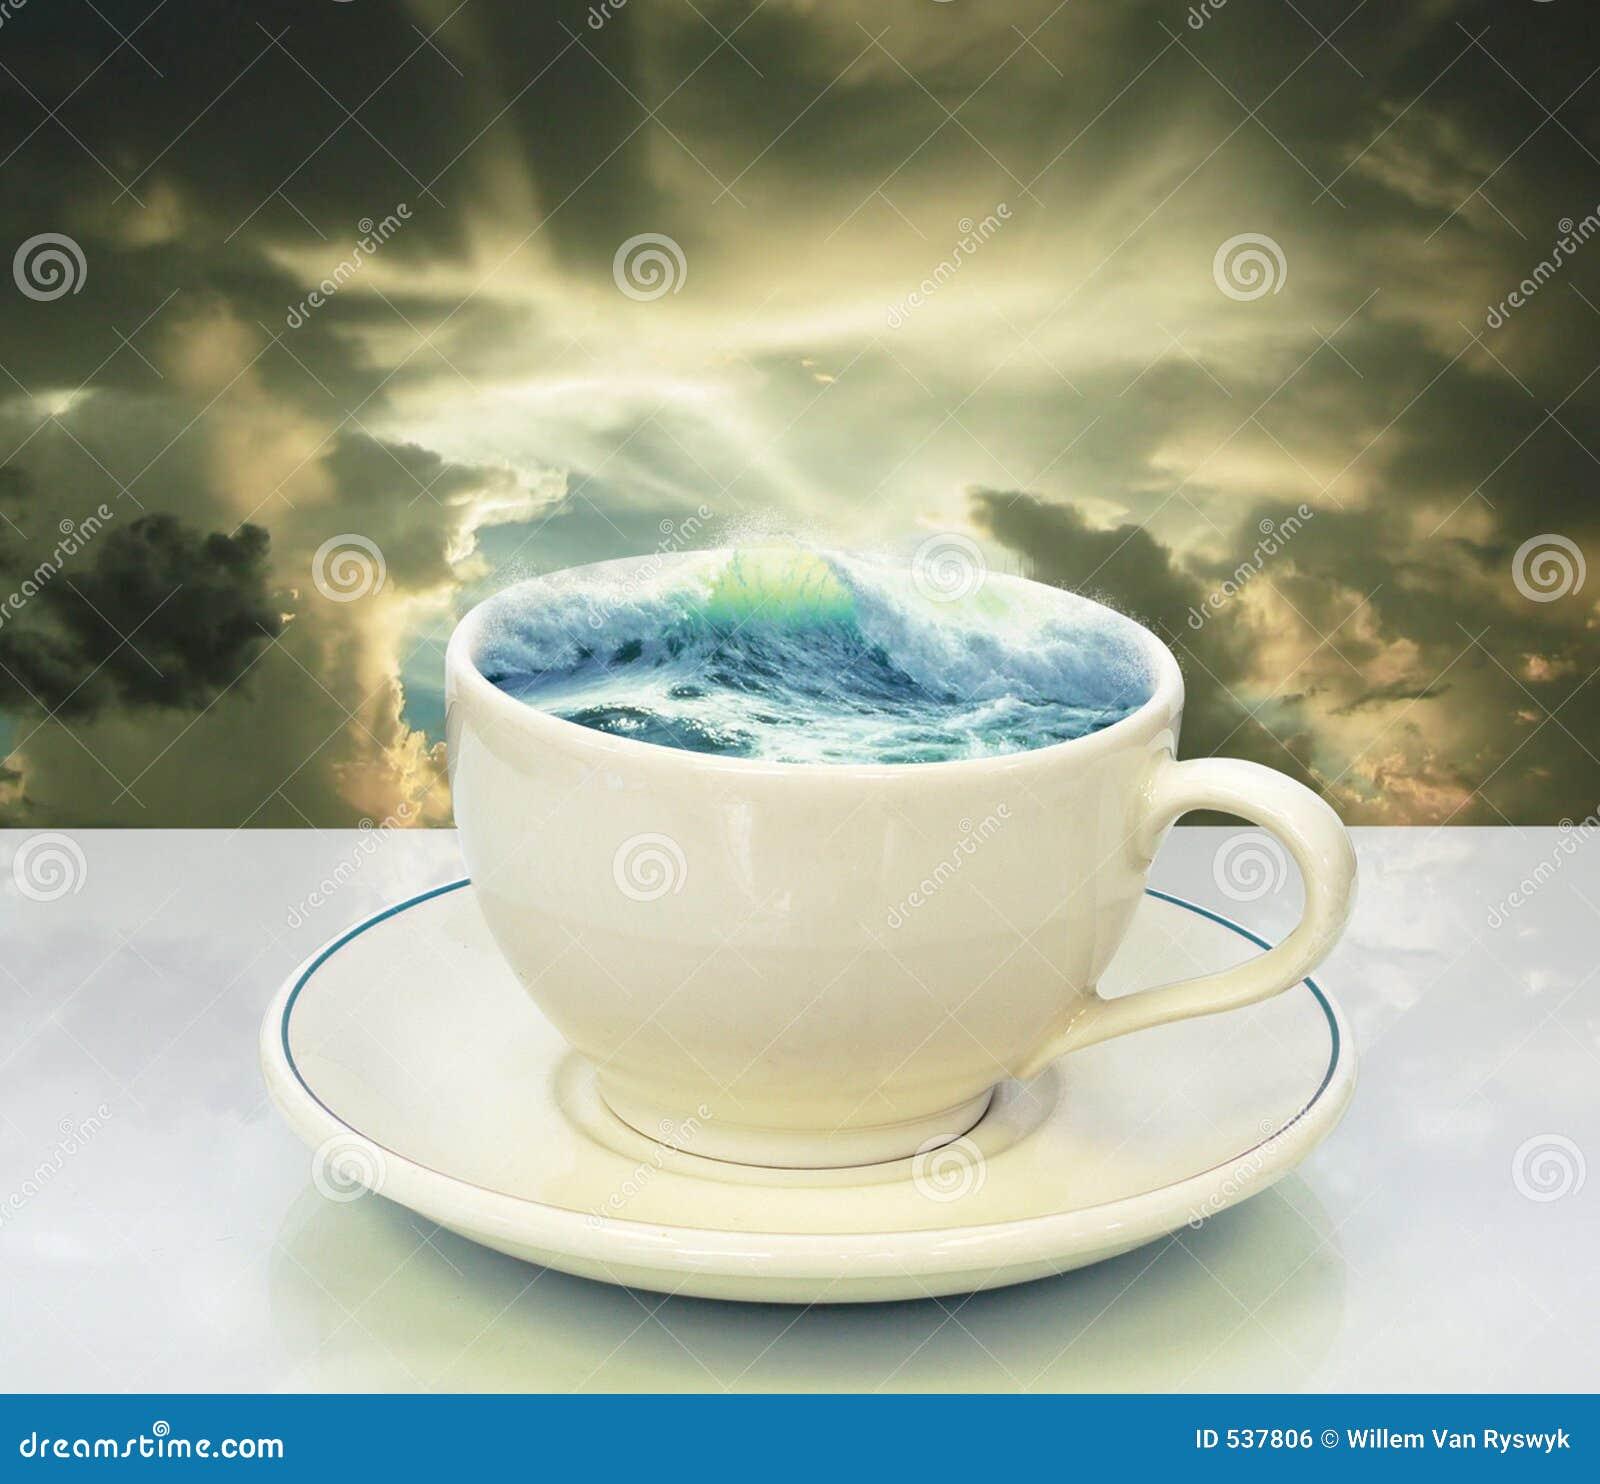 Storm In A Teacup Stock Photo Image Of Dark Ocean Skies